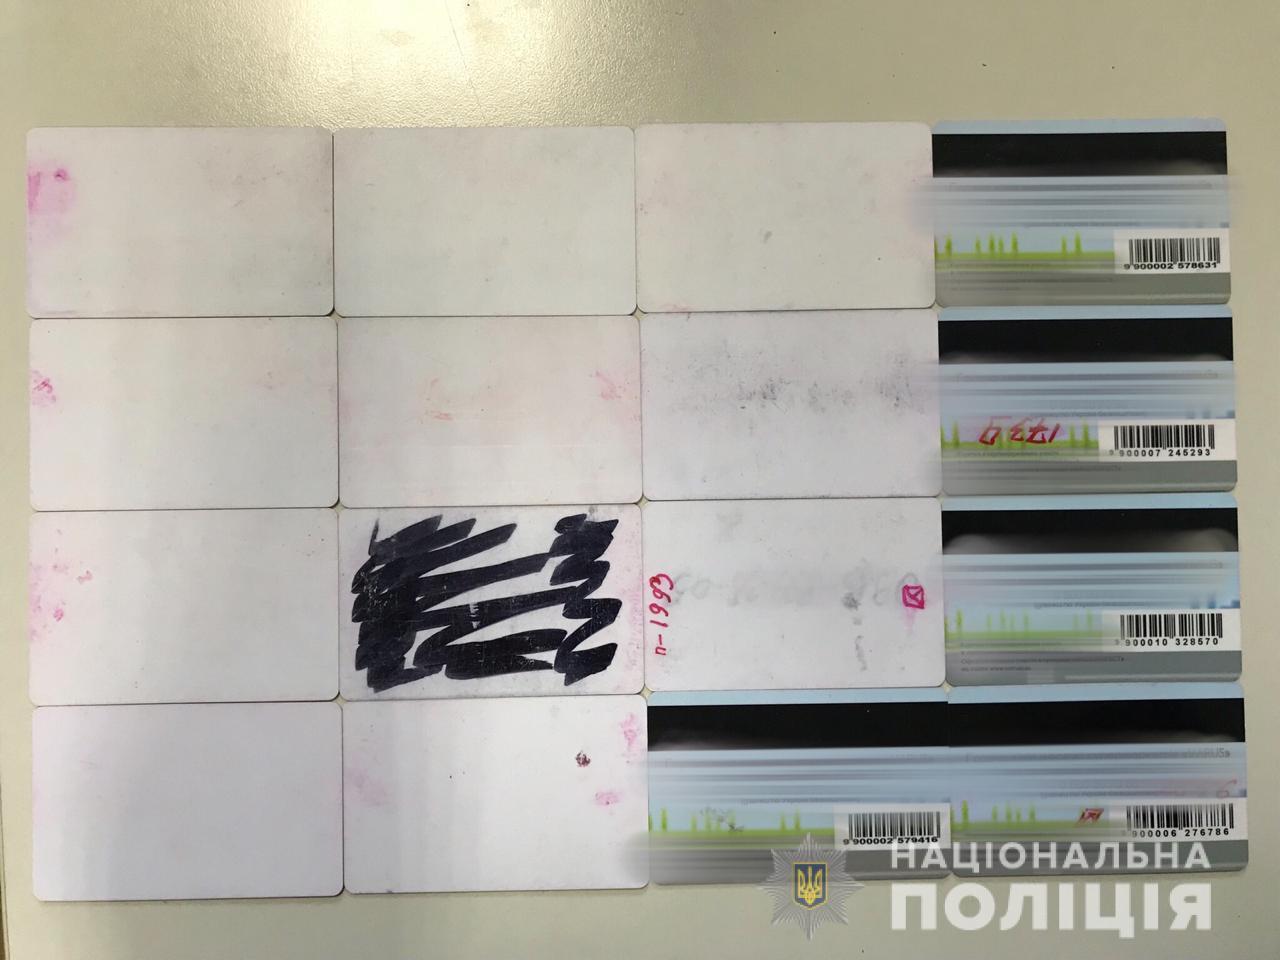 Кіберполіція викрила працівників торгових майданчиків у копіюванні даних банківських карток клієнтів